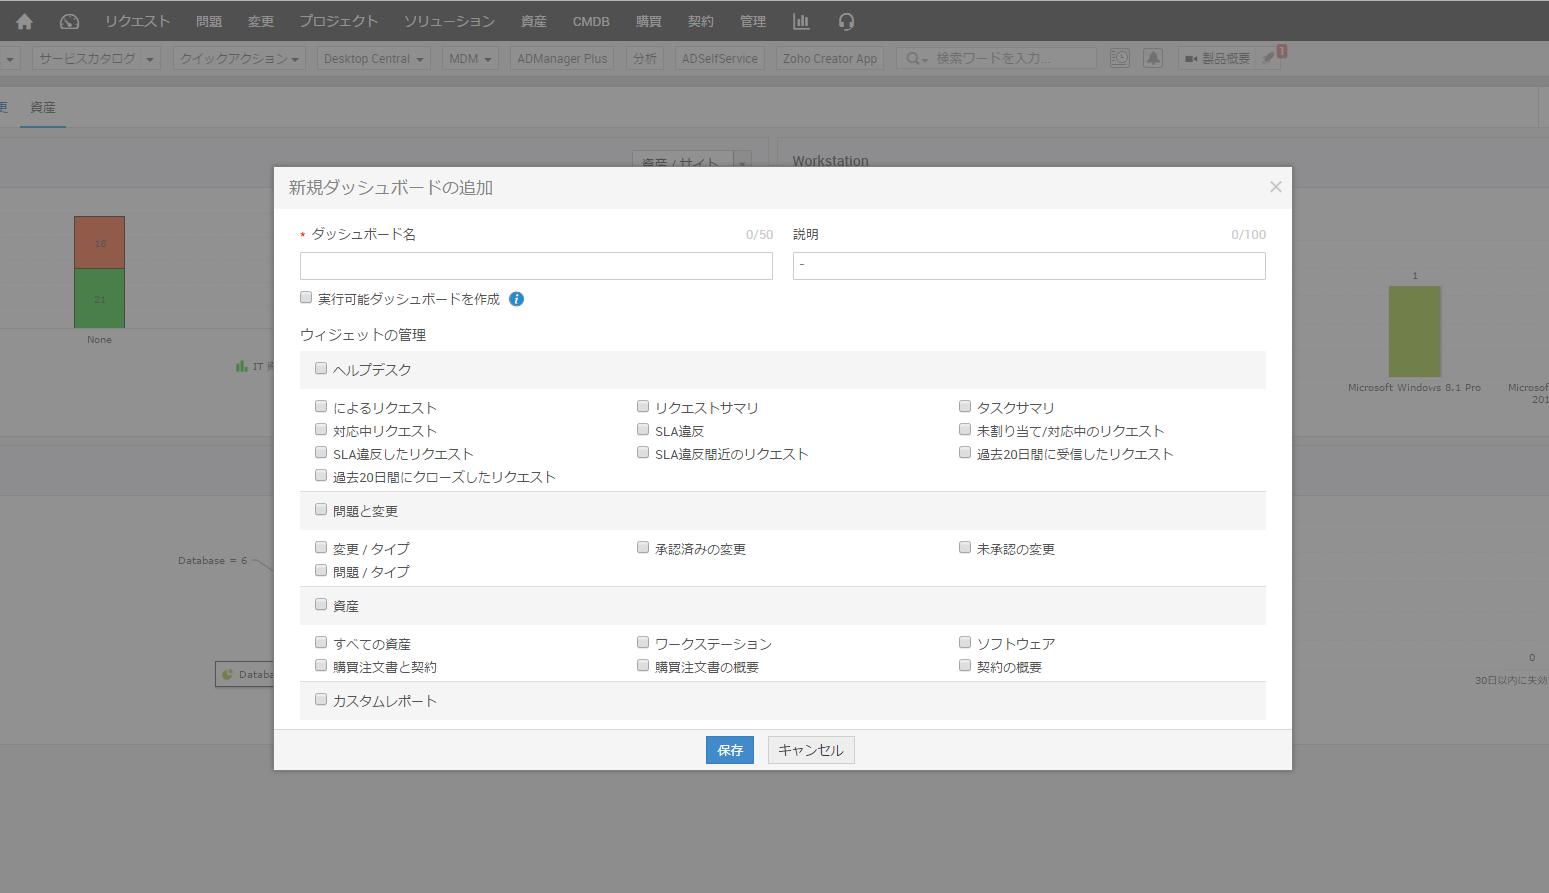 ServiceDesk Plus 9.3 ダッシュボードカスタマイズ機能